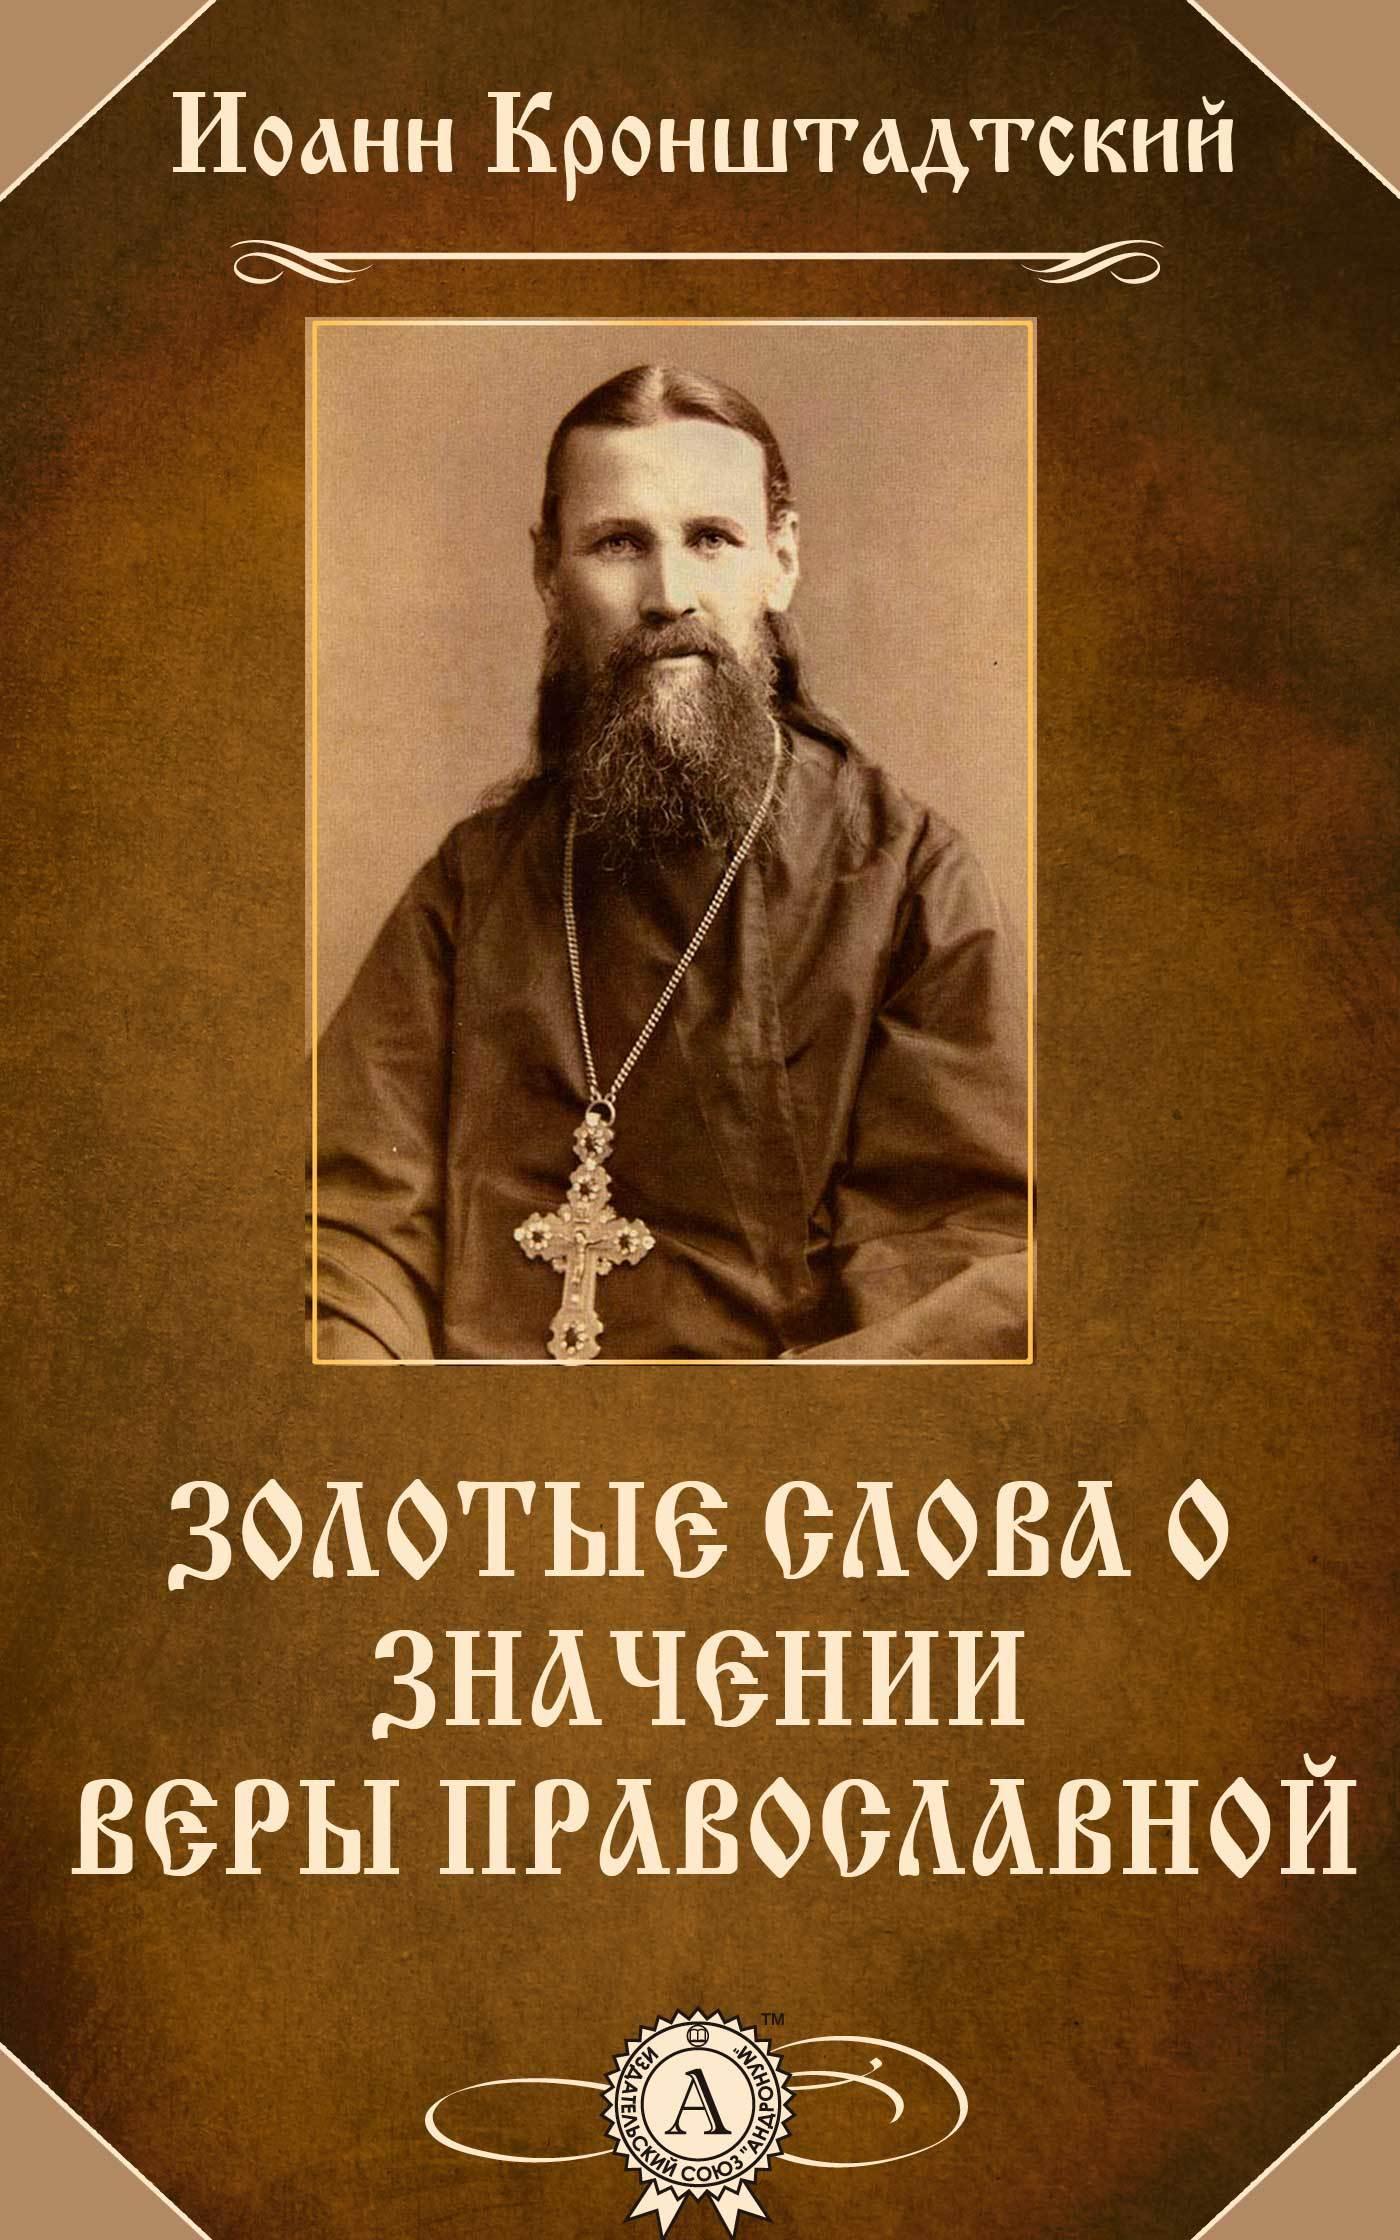 cвятой праведный Иоанн Кронштадтский Золотые слова о значении веры православной cвятой праведный иоанн кронштадтский правда о боге мире и человеке